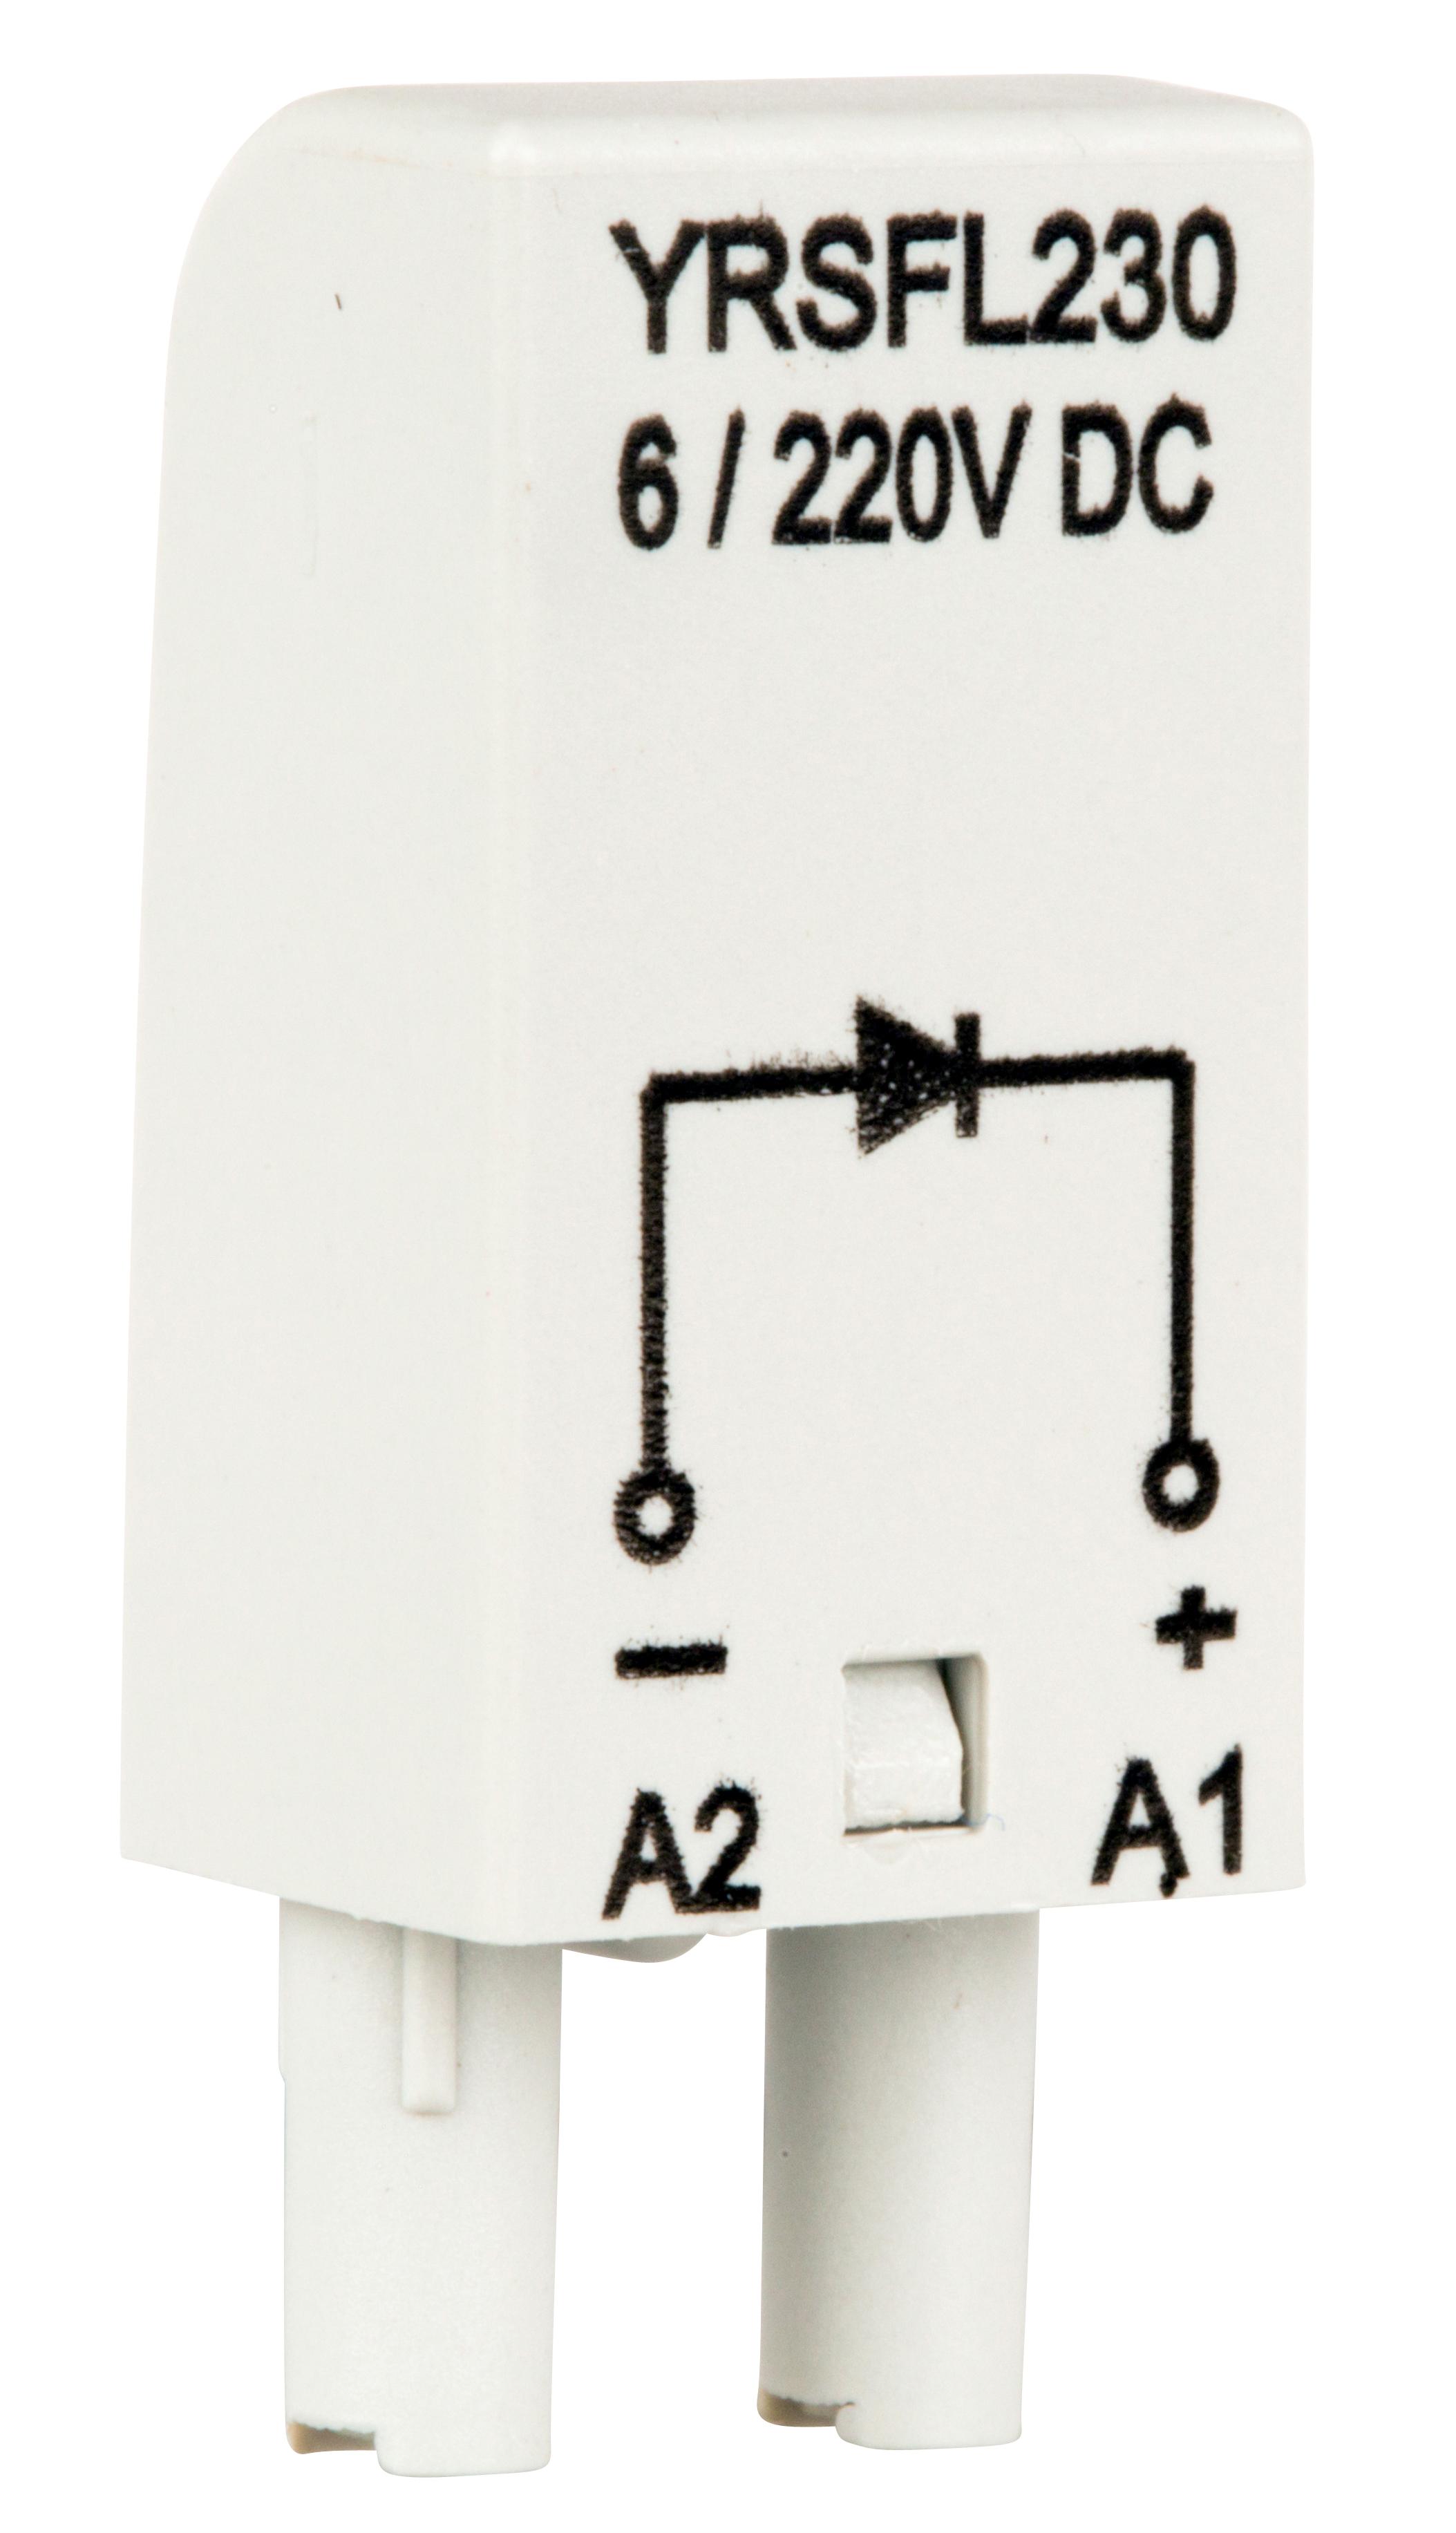 1 Stk Freilaufdioden-Modul 6-230V DC, A1+, S-Relay Serie 4 YRSFL230--